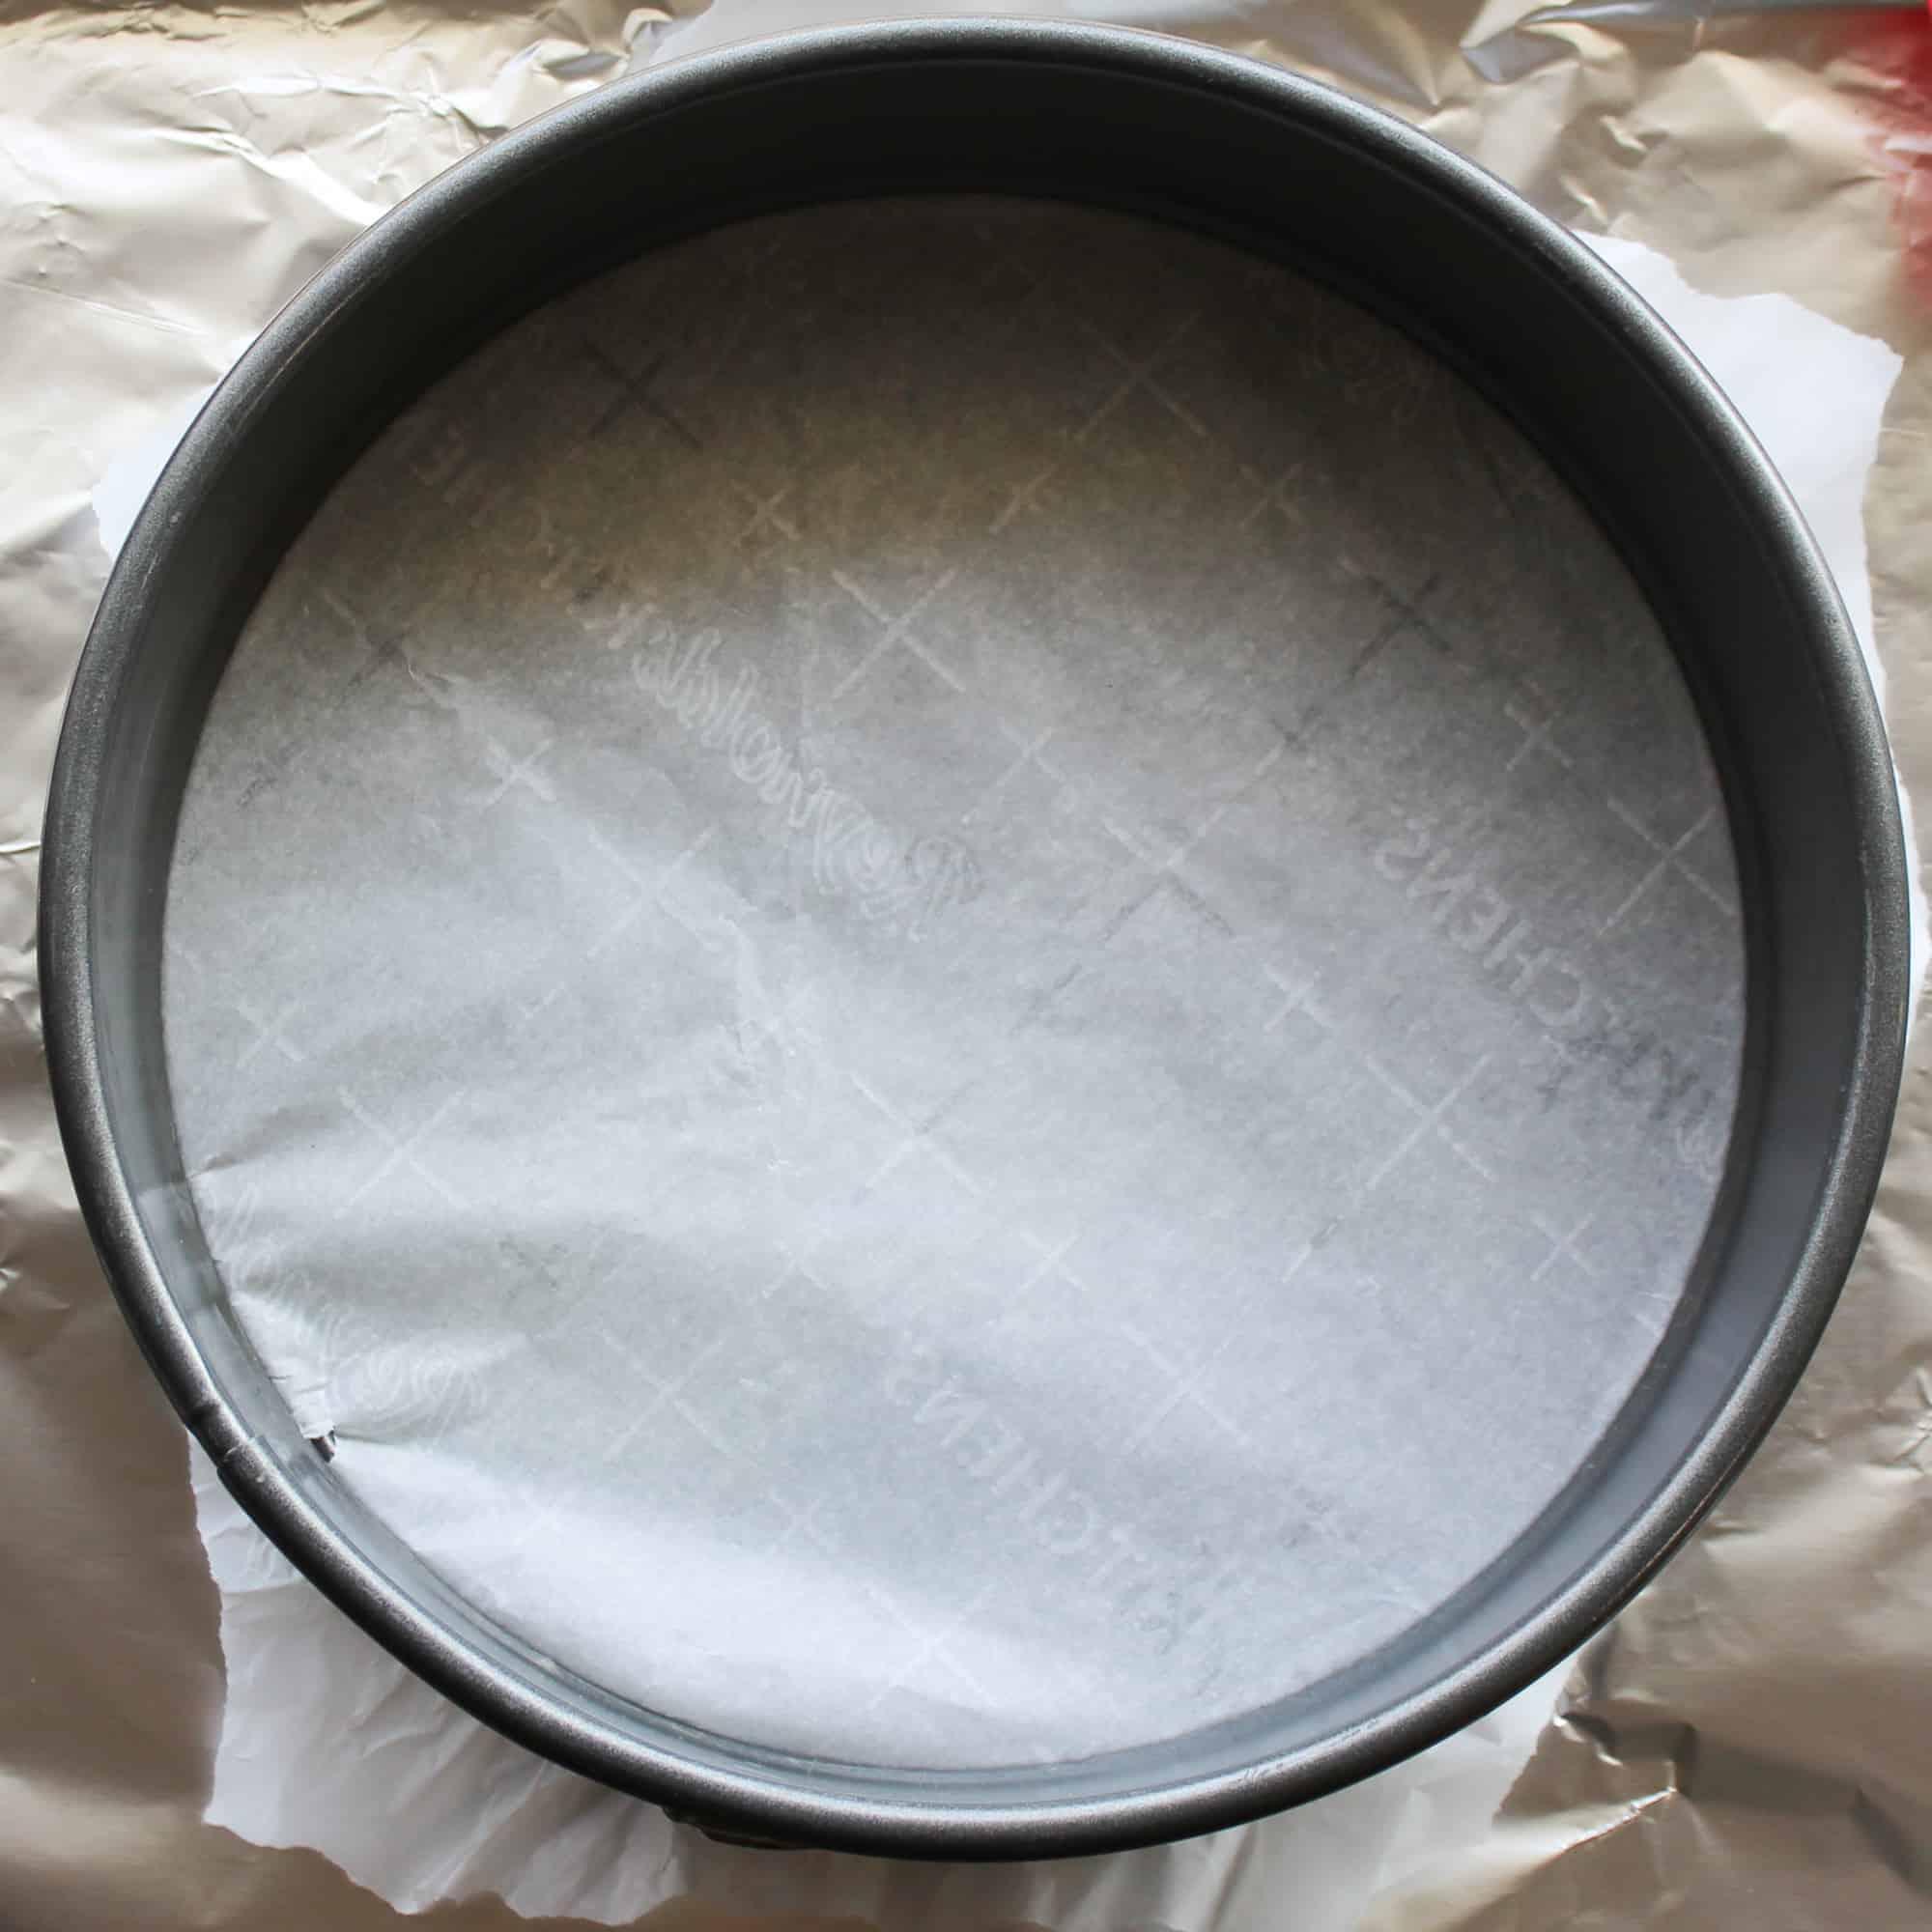 cut parchment to fit pan